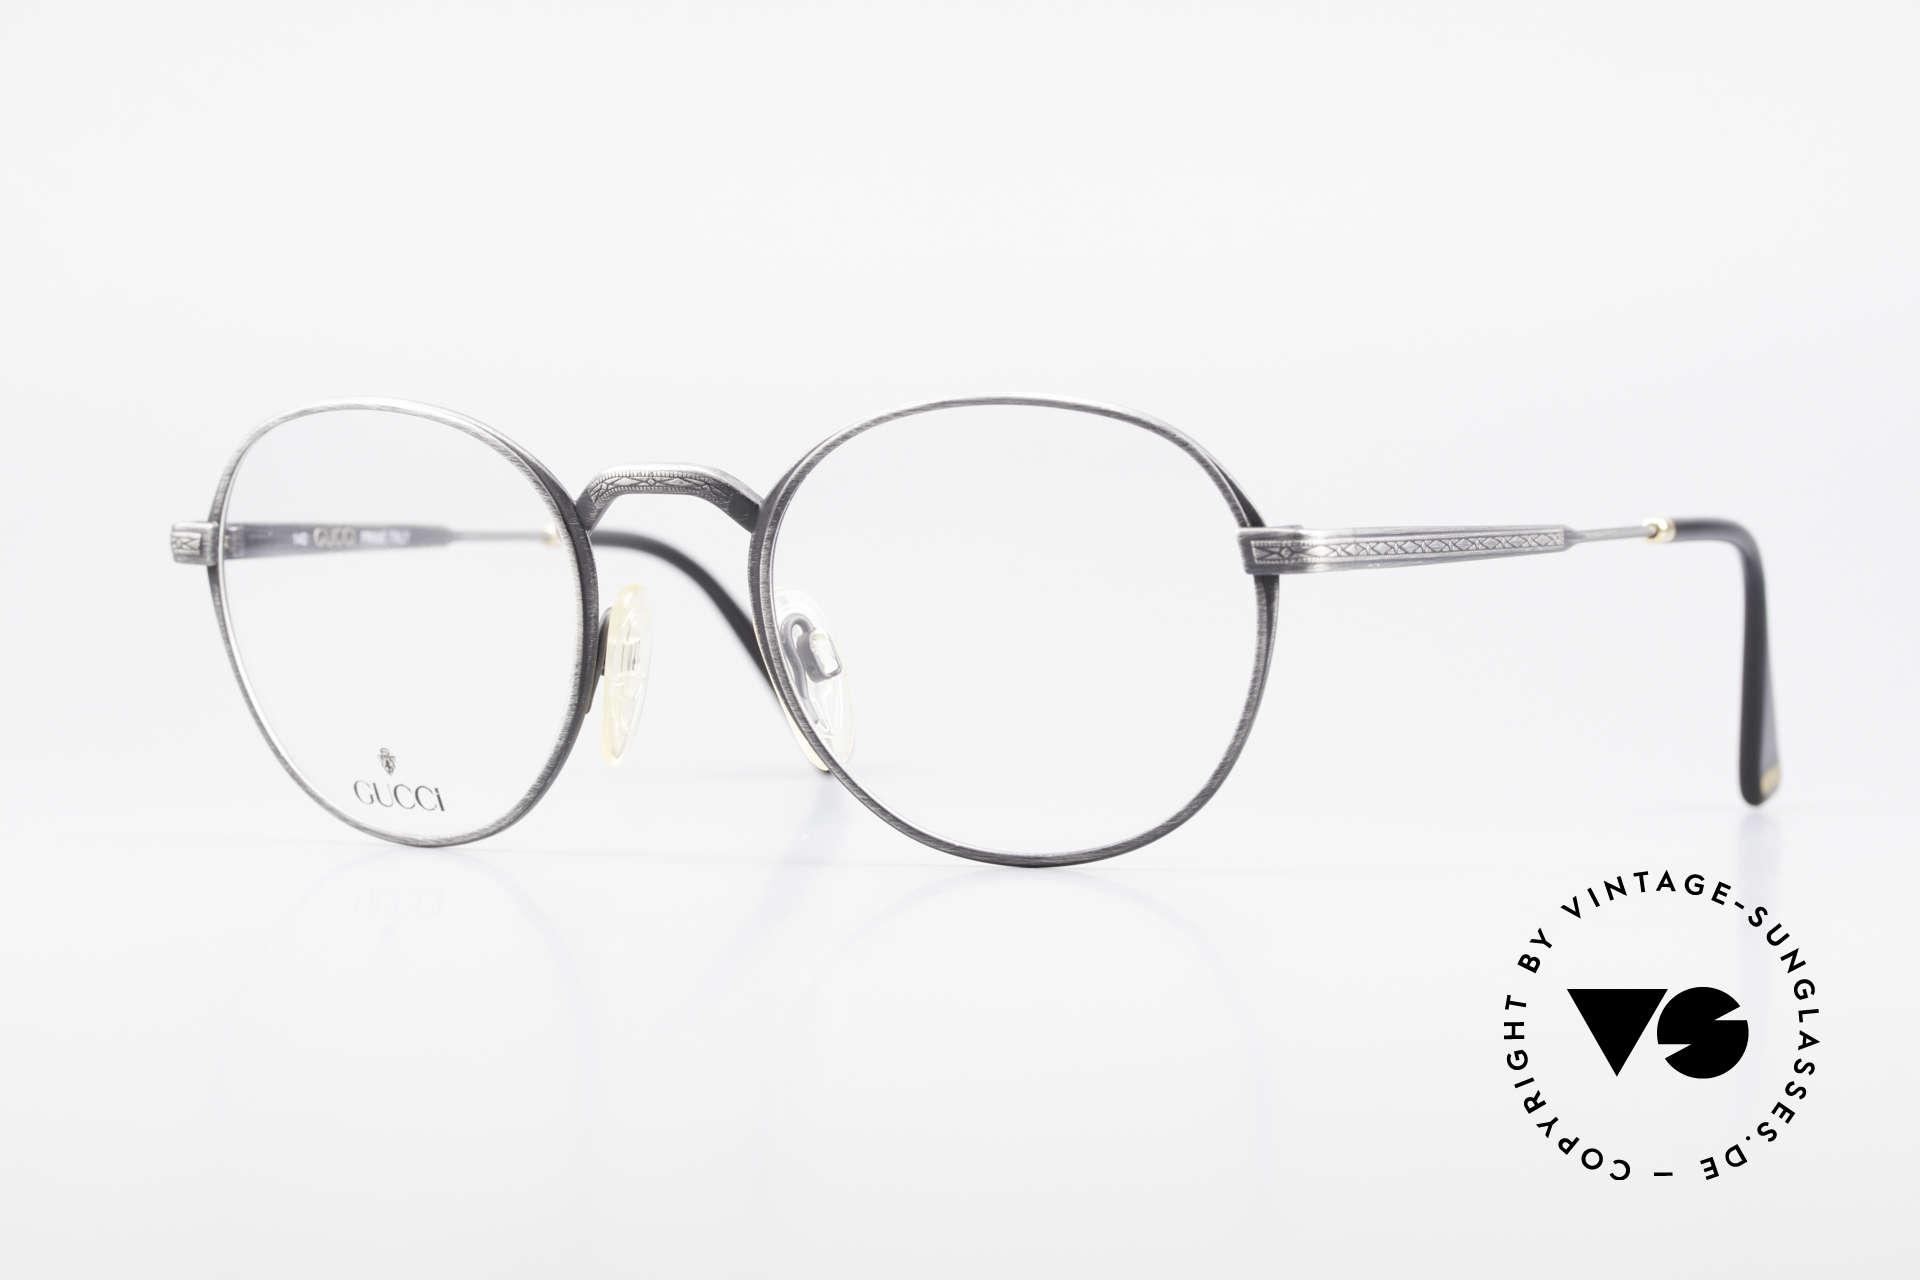 Gucci 1226 Klassische 80er Panto Brille, klassische VINTAGE Designer-Brille von GUCCI, Passend für Herren und Damen